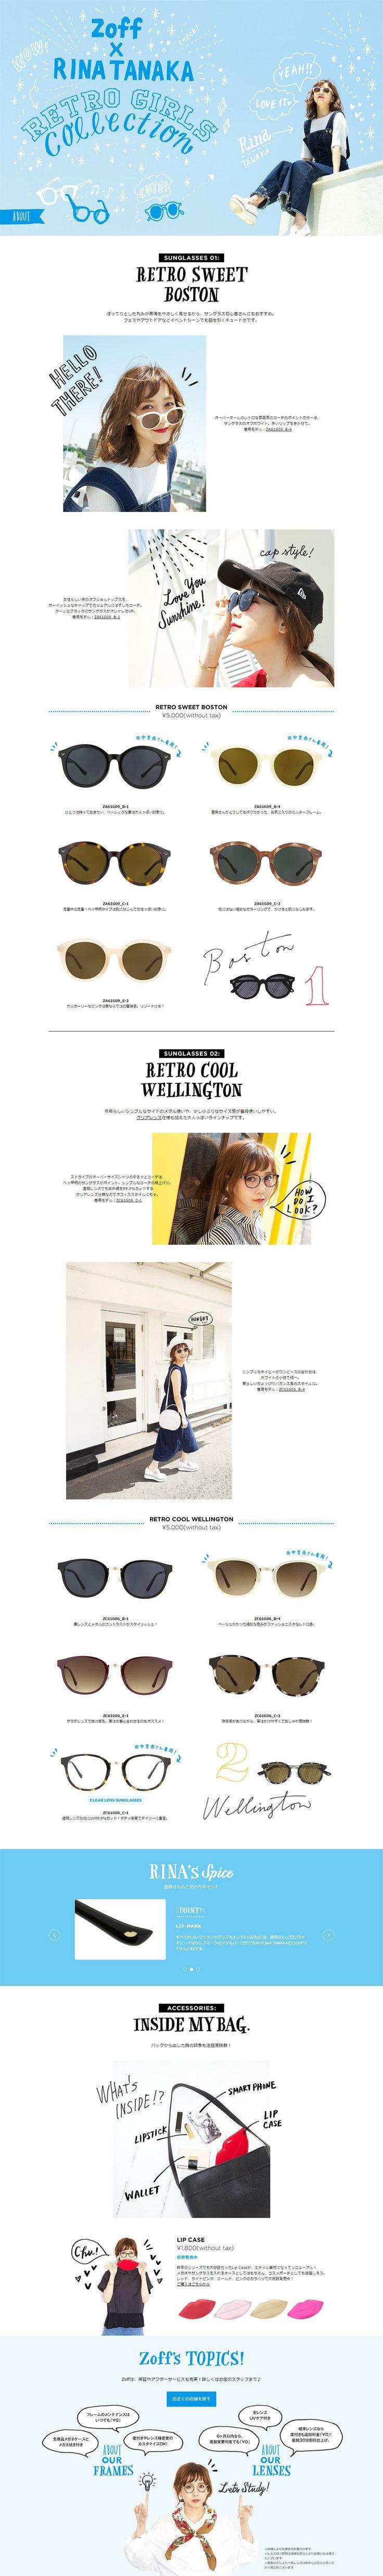 Zoff×RINA TANAKA RETRO GIRLS COLLECTION【ファッション関連】のLPデザイン。WEBデザイナーさん必見!ランディングページのデザイン参考に(かわいい系)